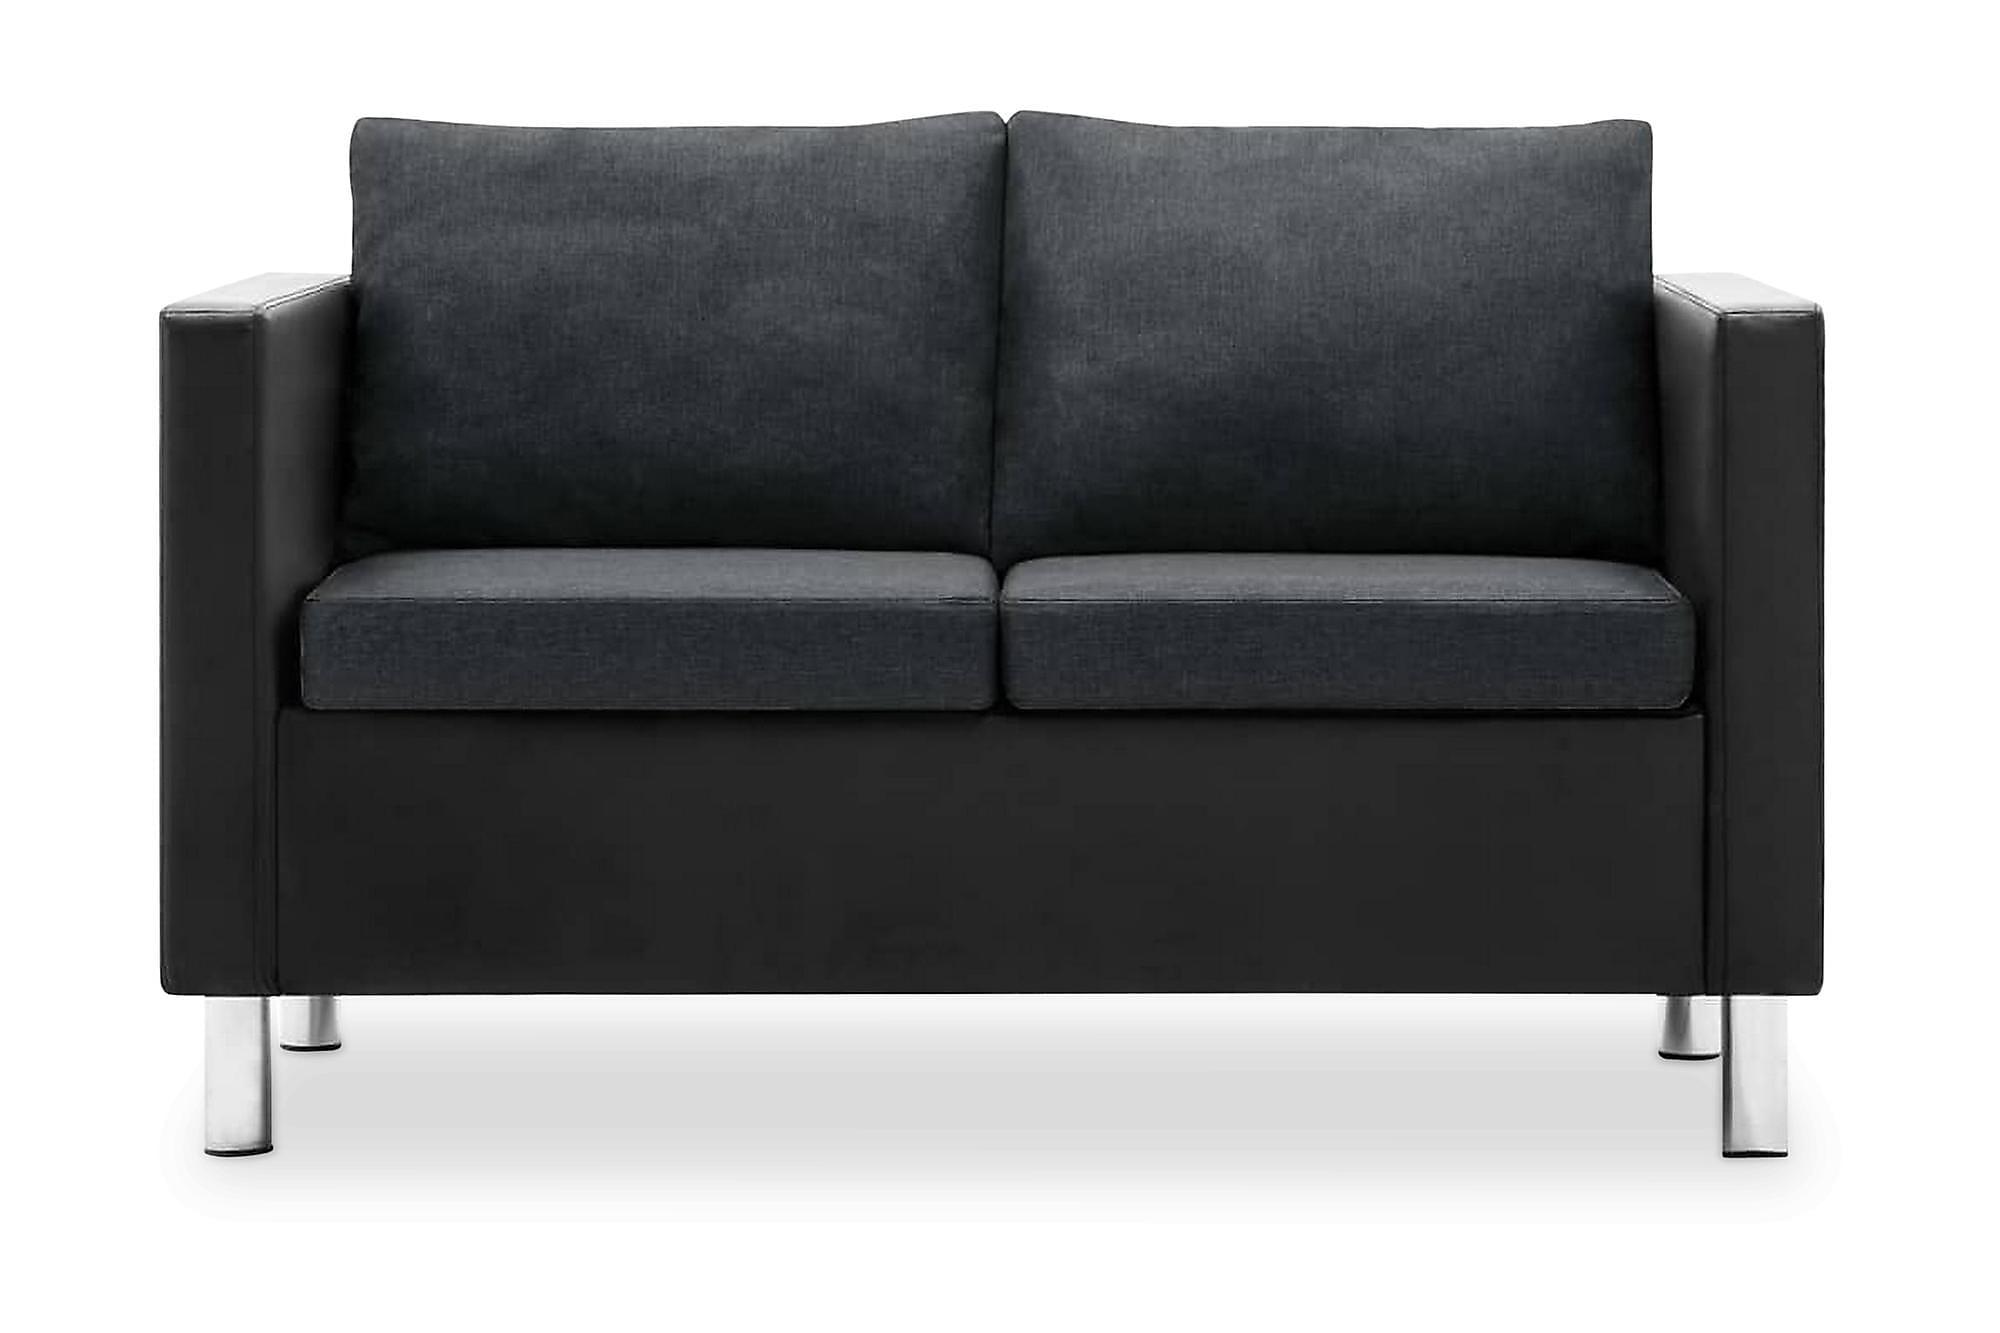 2-sitssoffa i konstläder svart och mörkgrå, 2-sits soffor